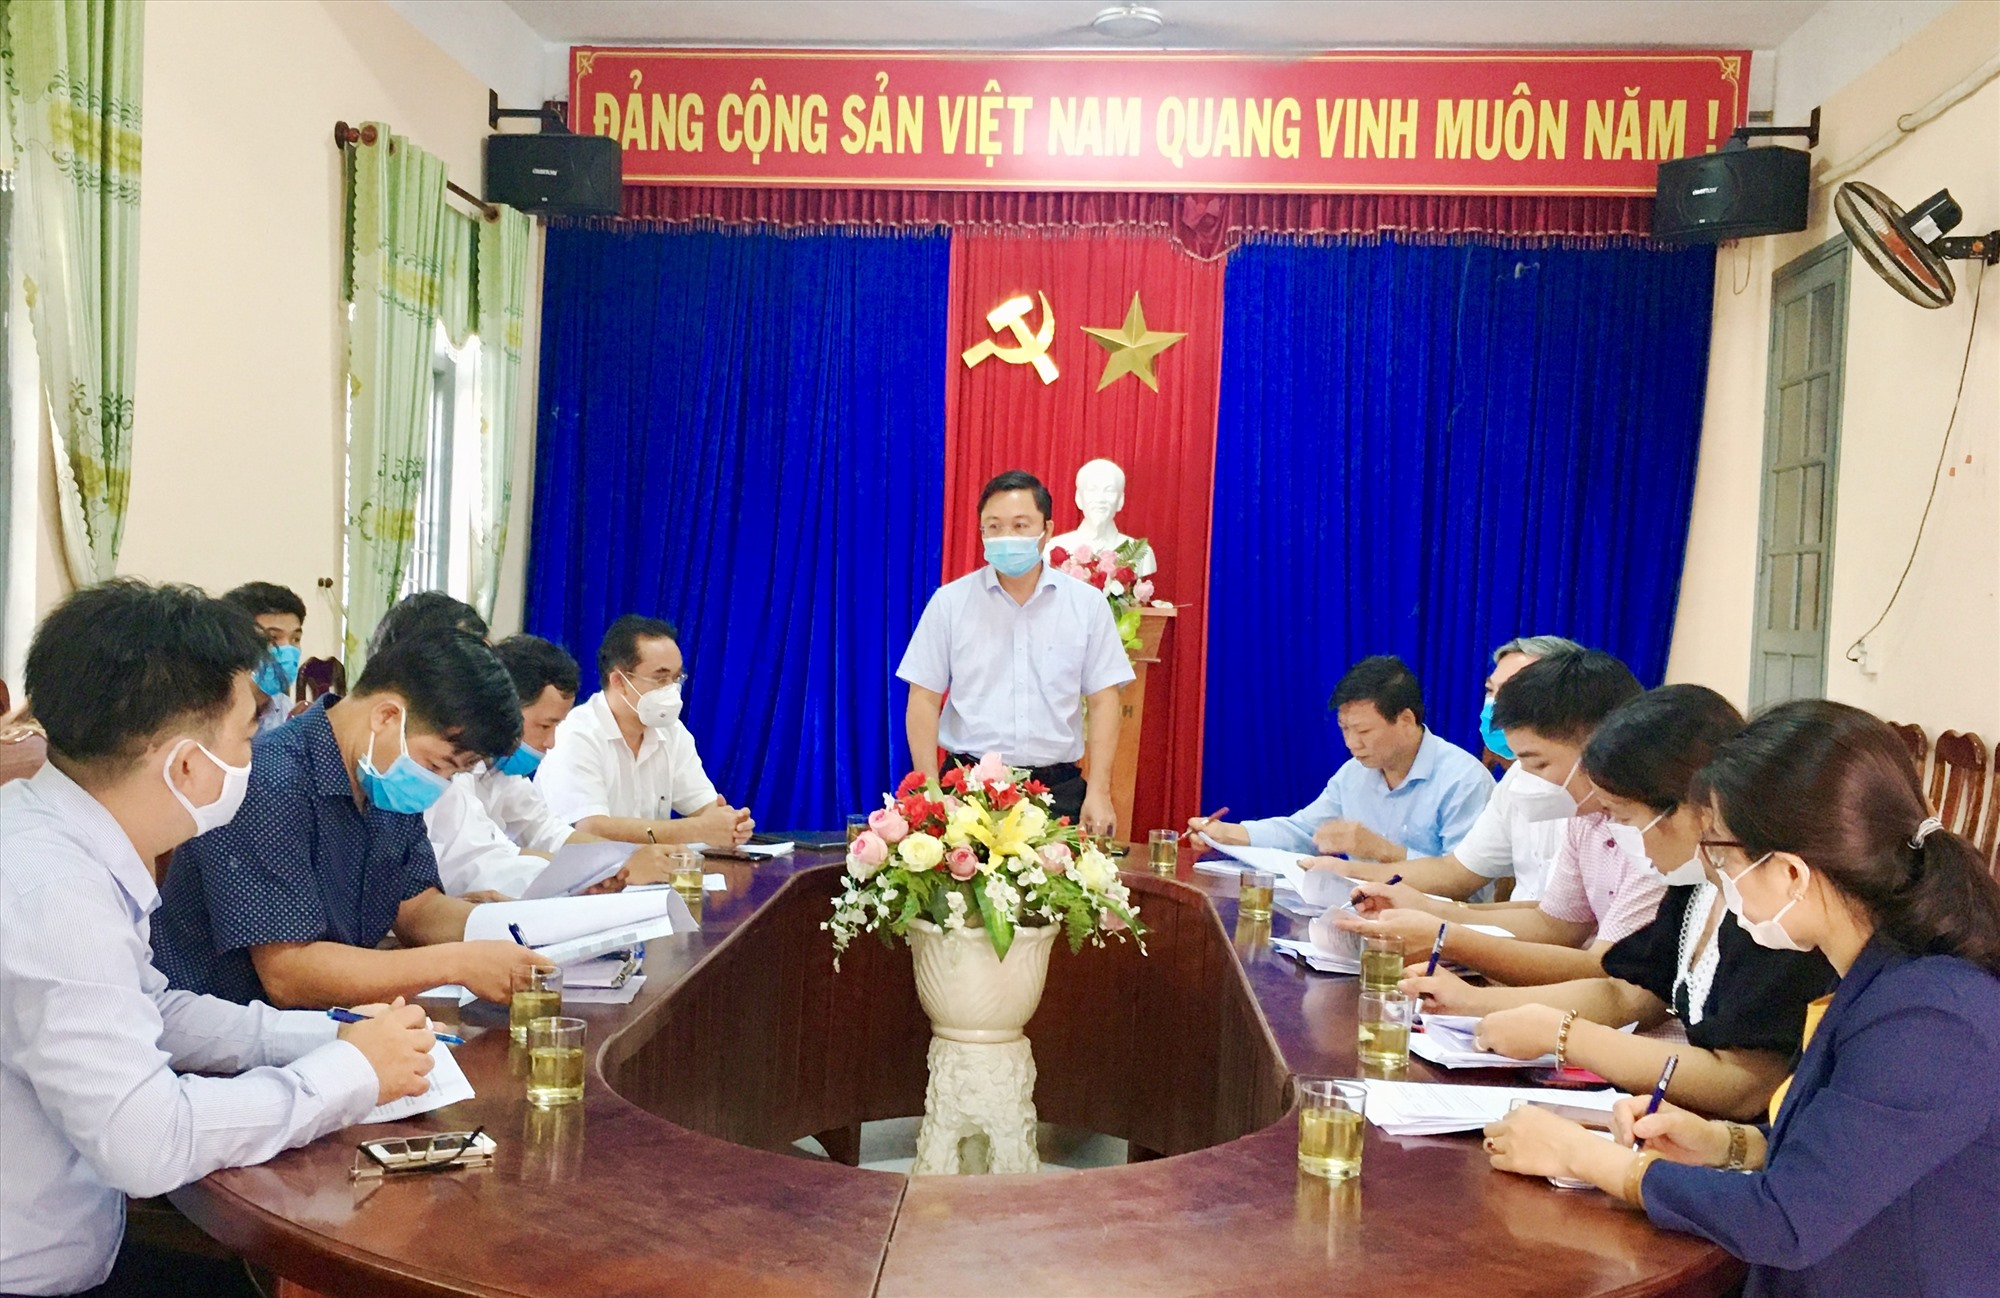 Chủ tịch UBND tỉnh Lê Trí Thanh làm việc tại xã Quế Trung (Nông Sơn) về việc thực hiện Nghị quyết 42/NQ-CP ngày 09/4/2020 của Chính phủ.